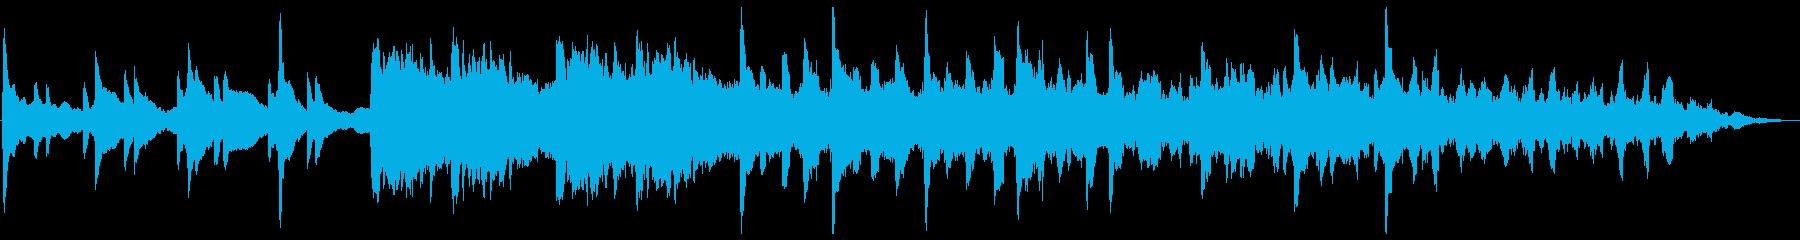 悲しいピアノ・エレクトリックの再生済みの波形